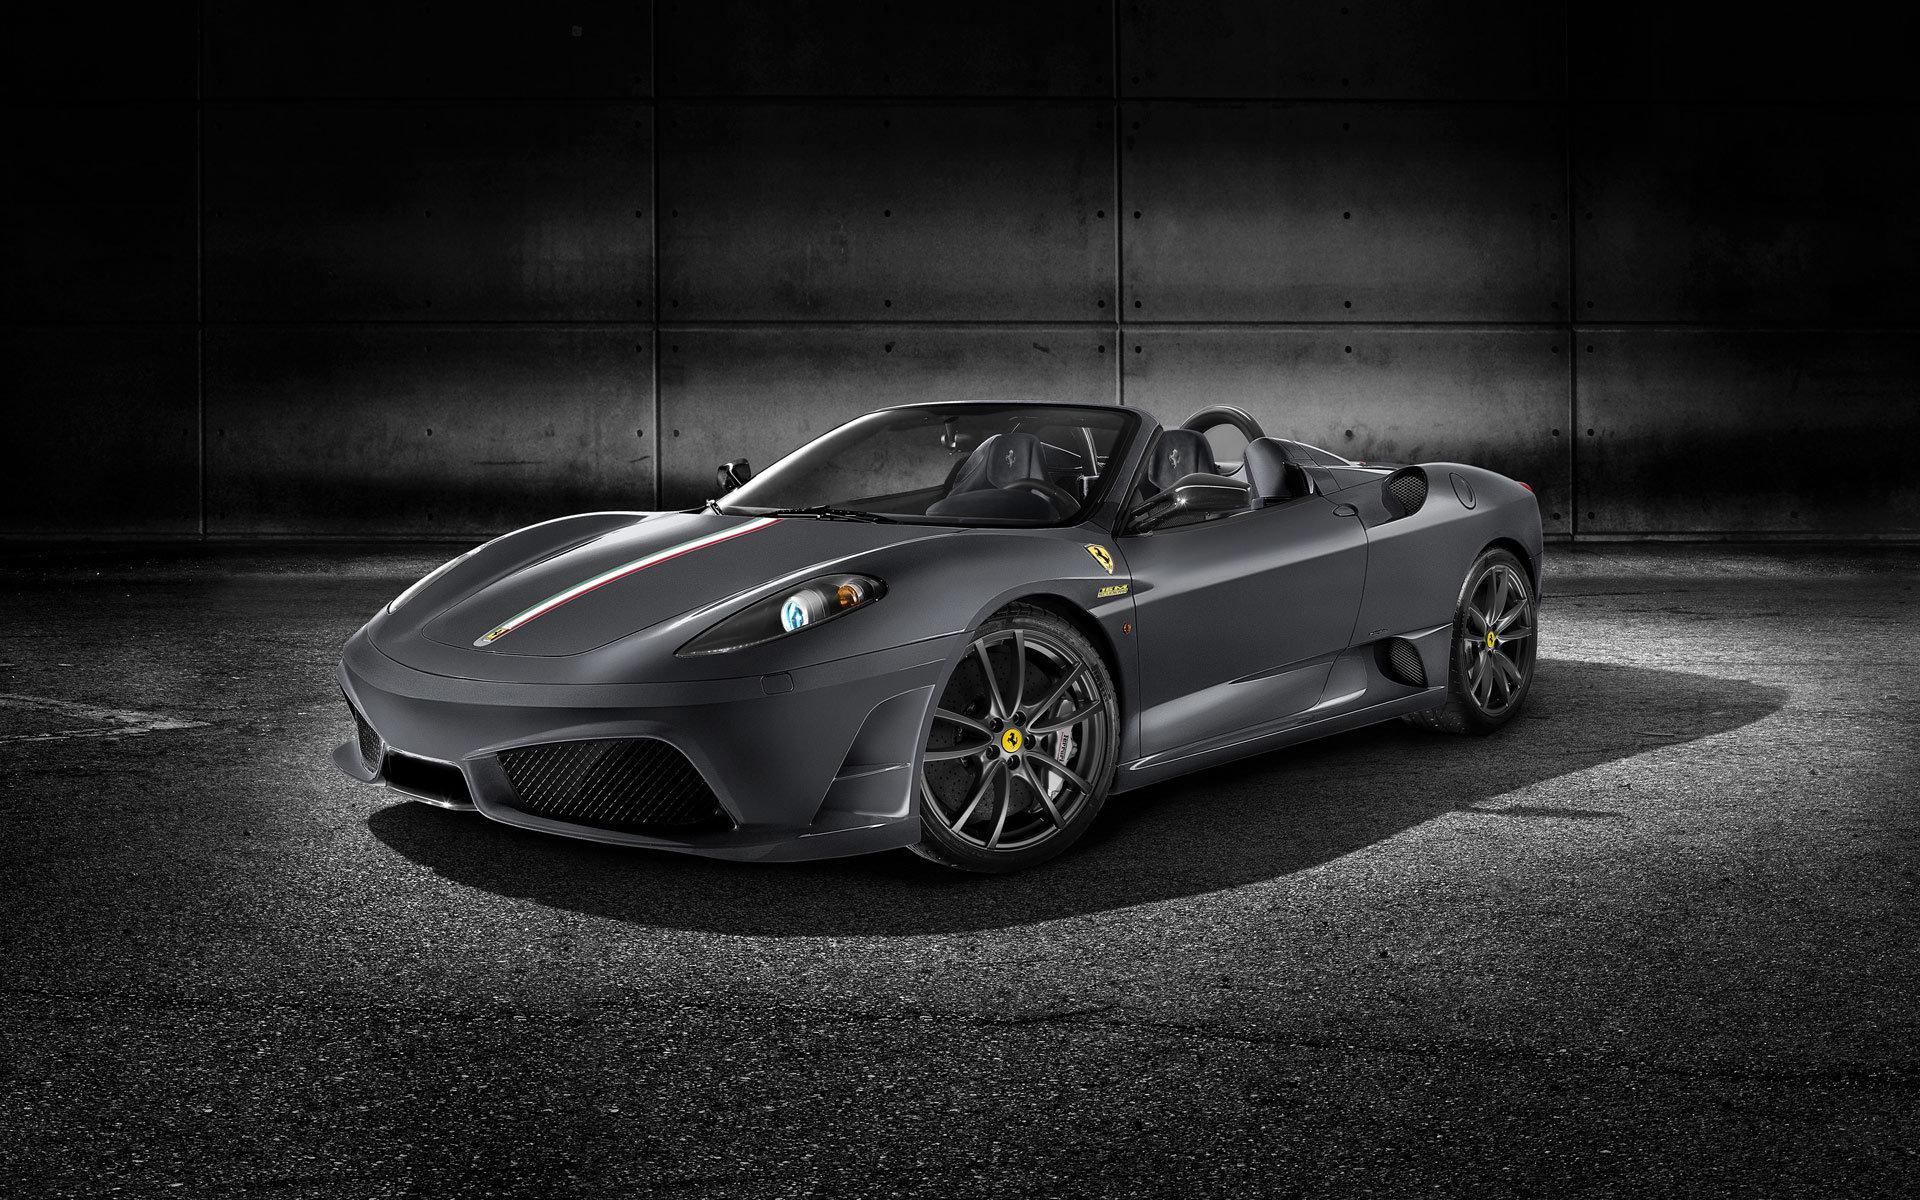 Best Ferrari Wallpaper ID368077 For High Resolution Hd 1920x1200 Desktop